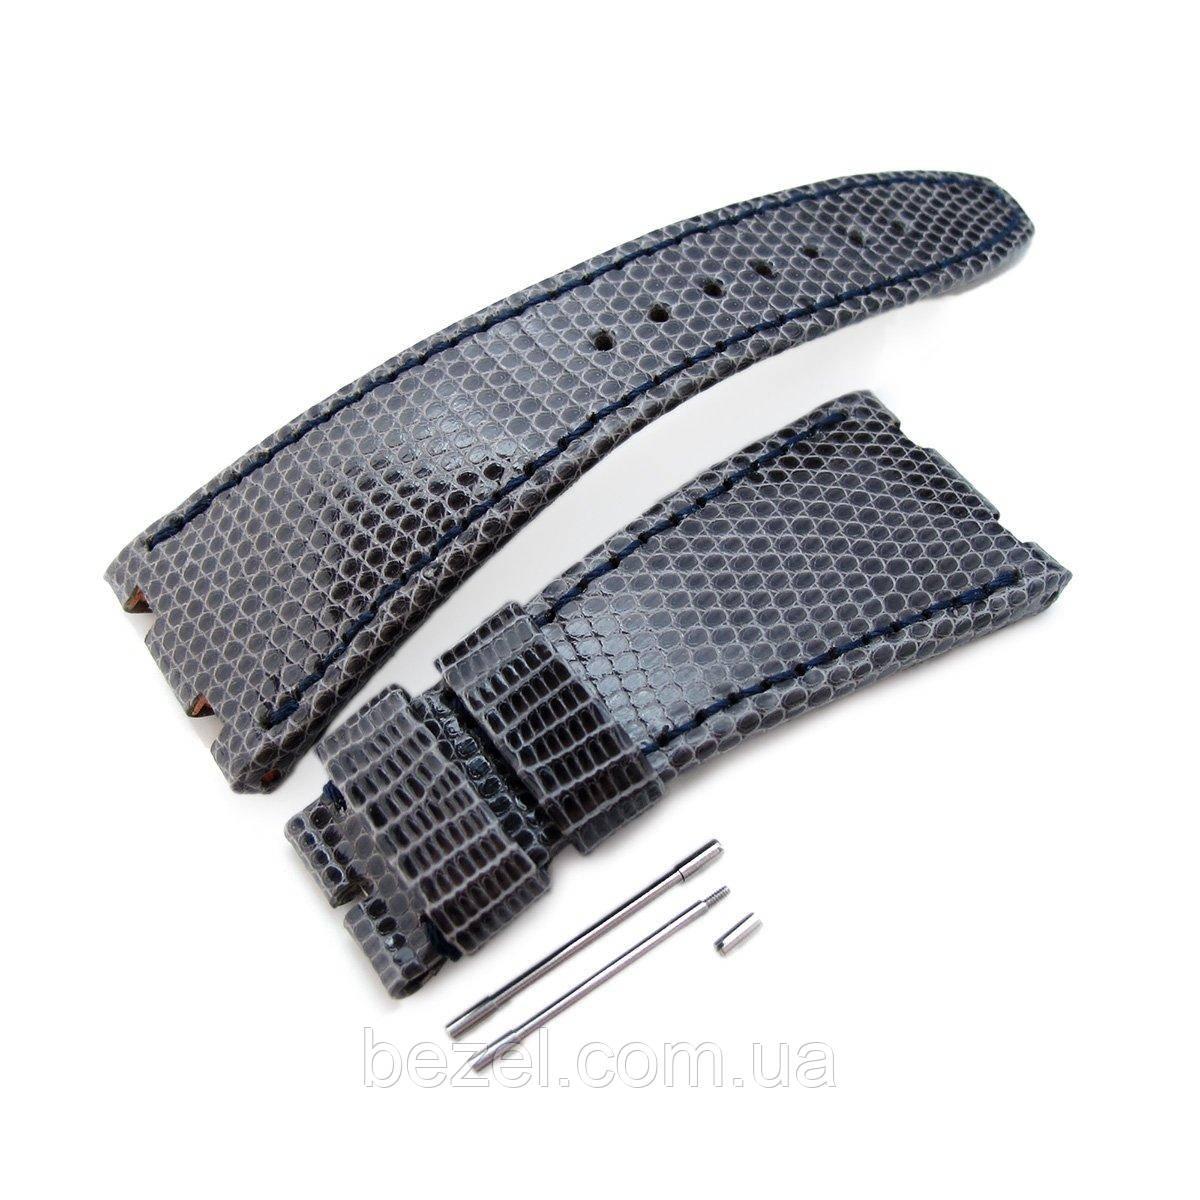 Dark Grey Genuine Lizard Leather Watch Strap, Wax thread Dark Navy Stitching, custom made for Audemars Piguet Royal Oak Offshore